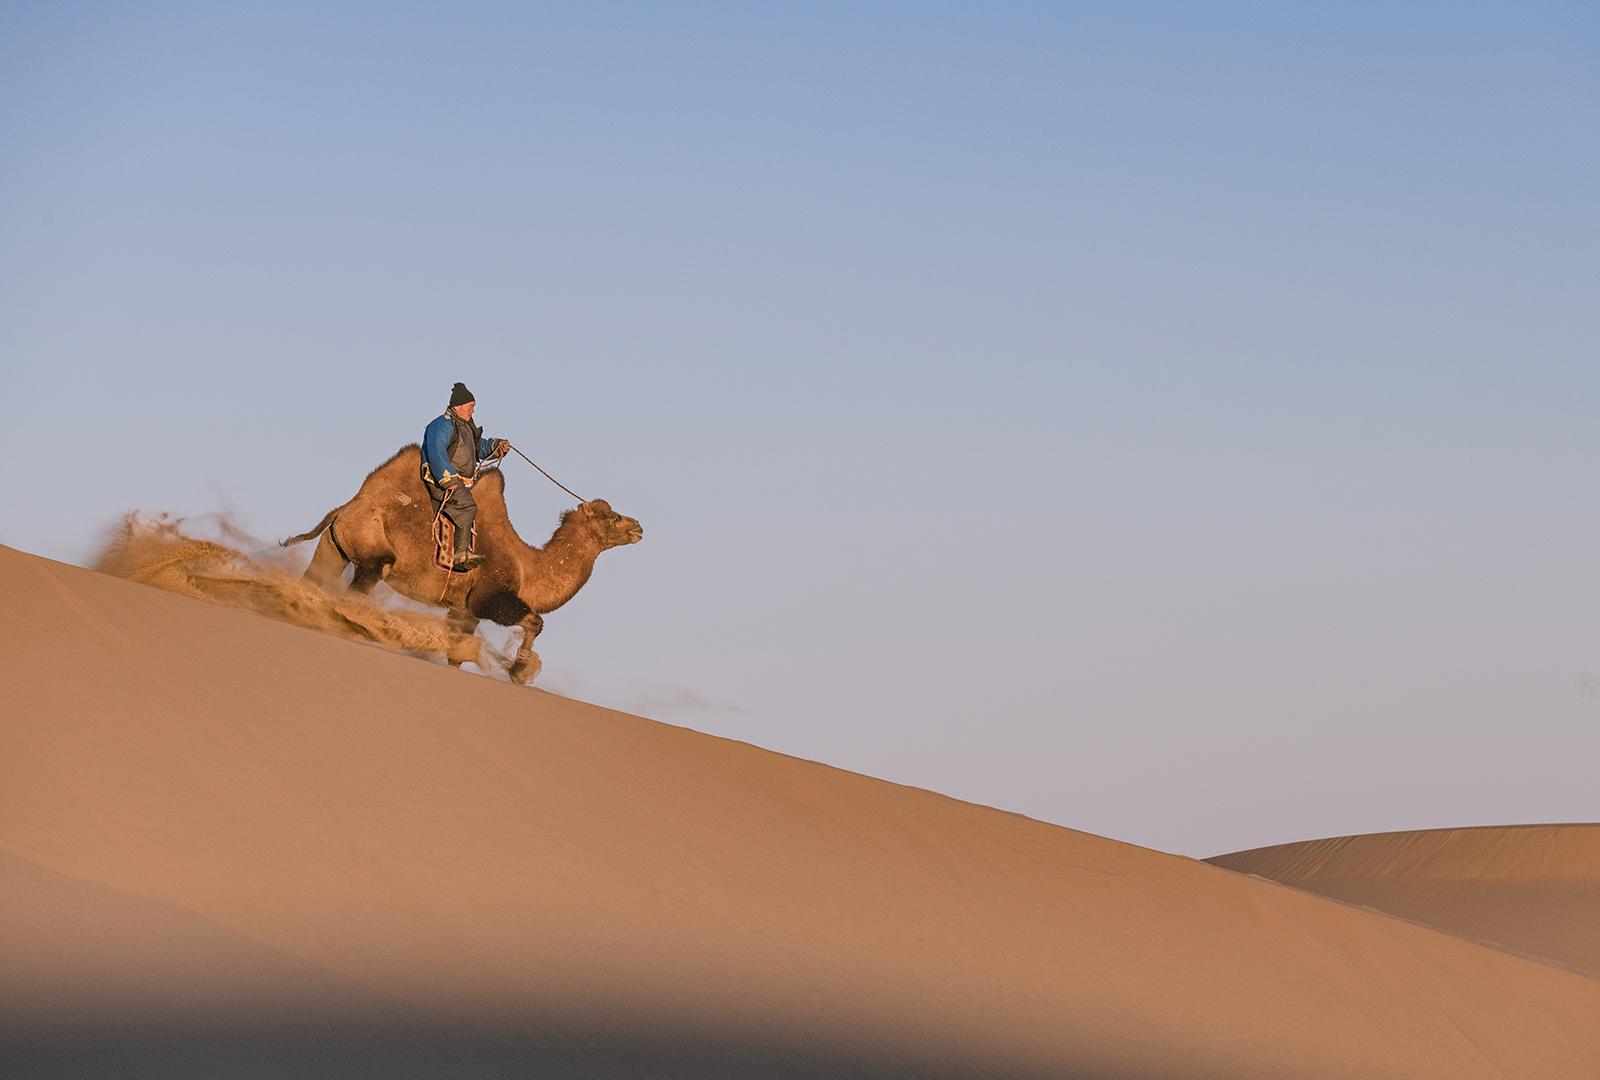 camel+herder+on+dune.jpg